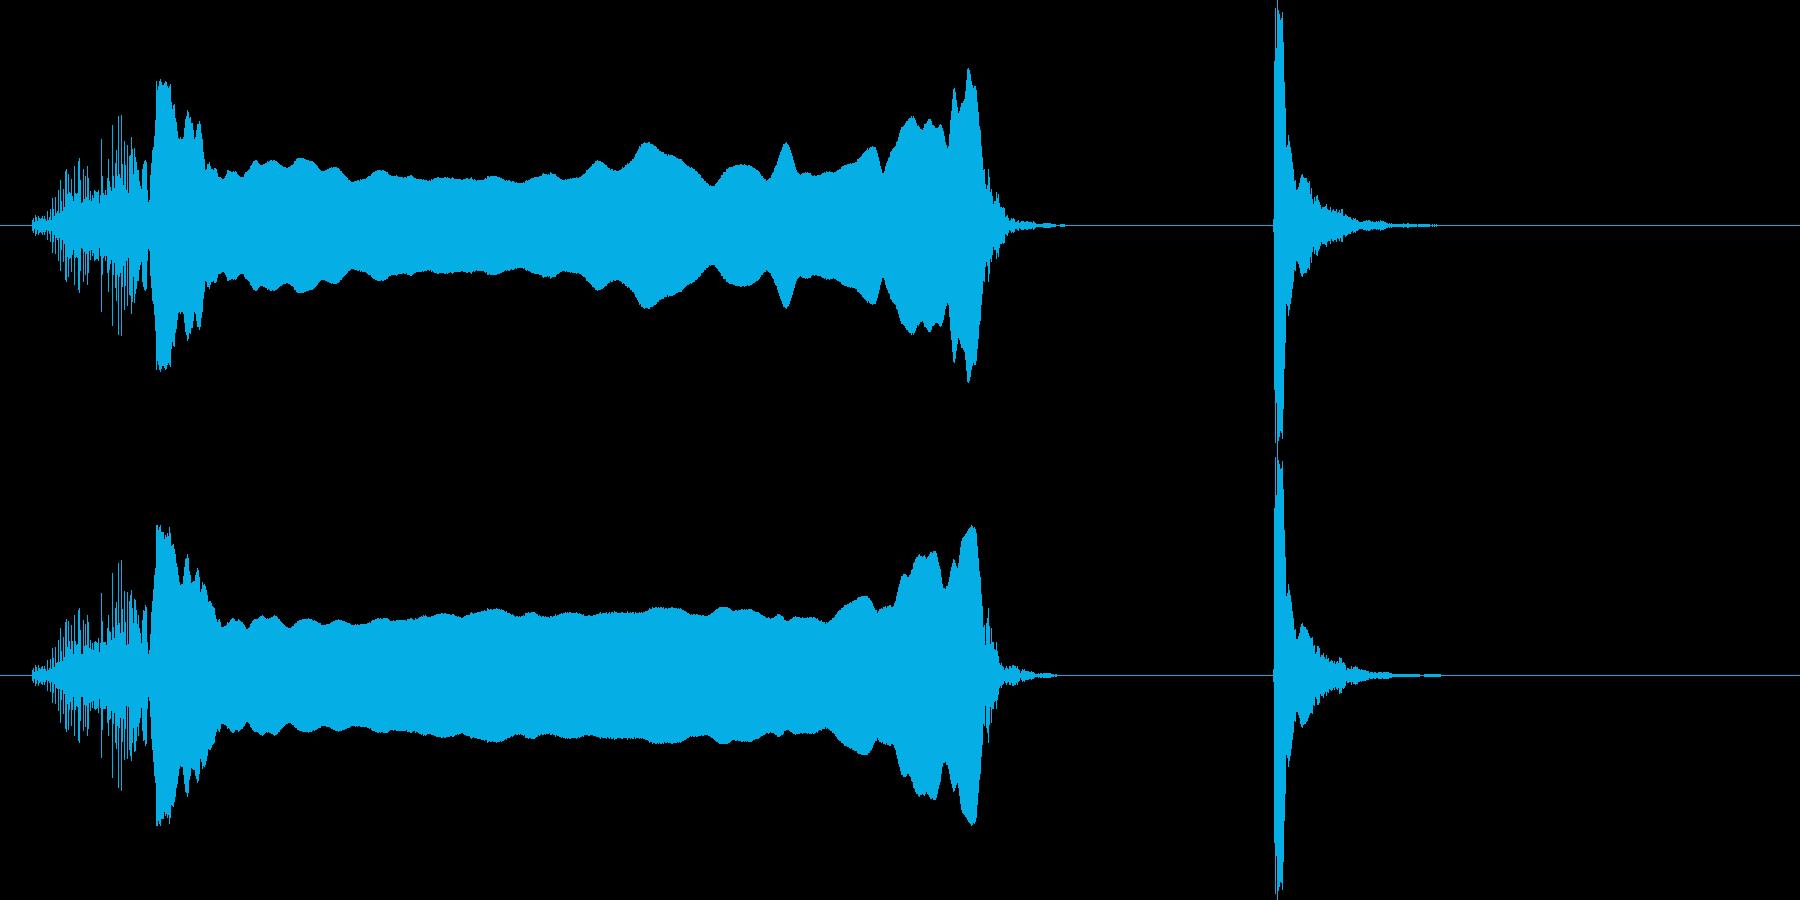 「イヨーポン」の再生済みの波形